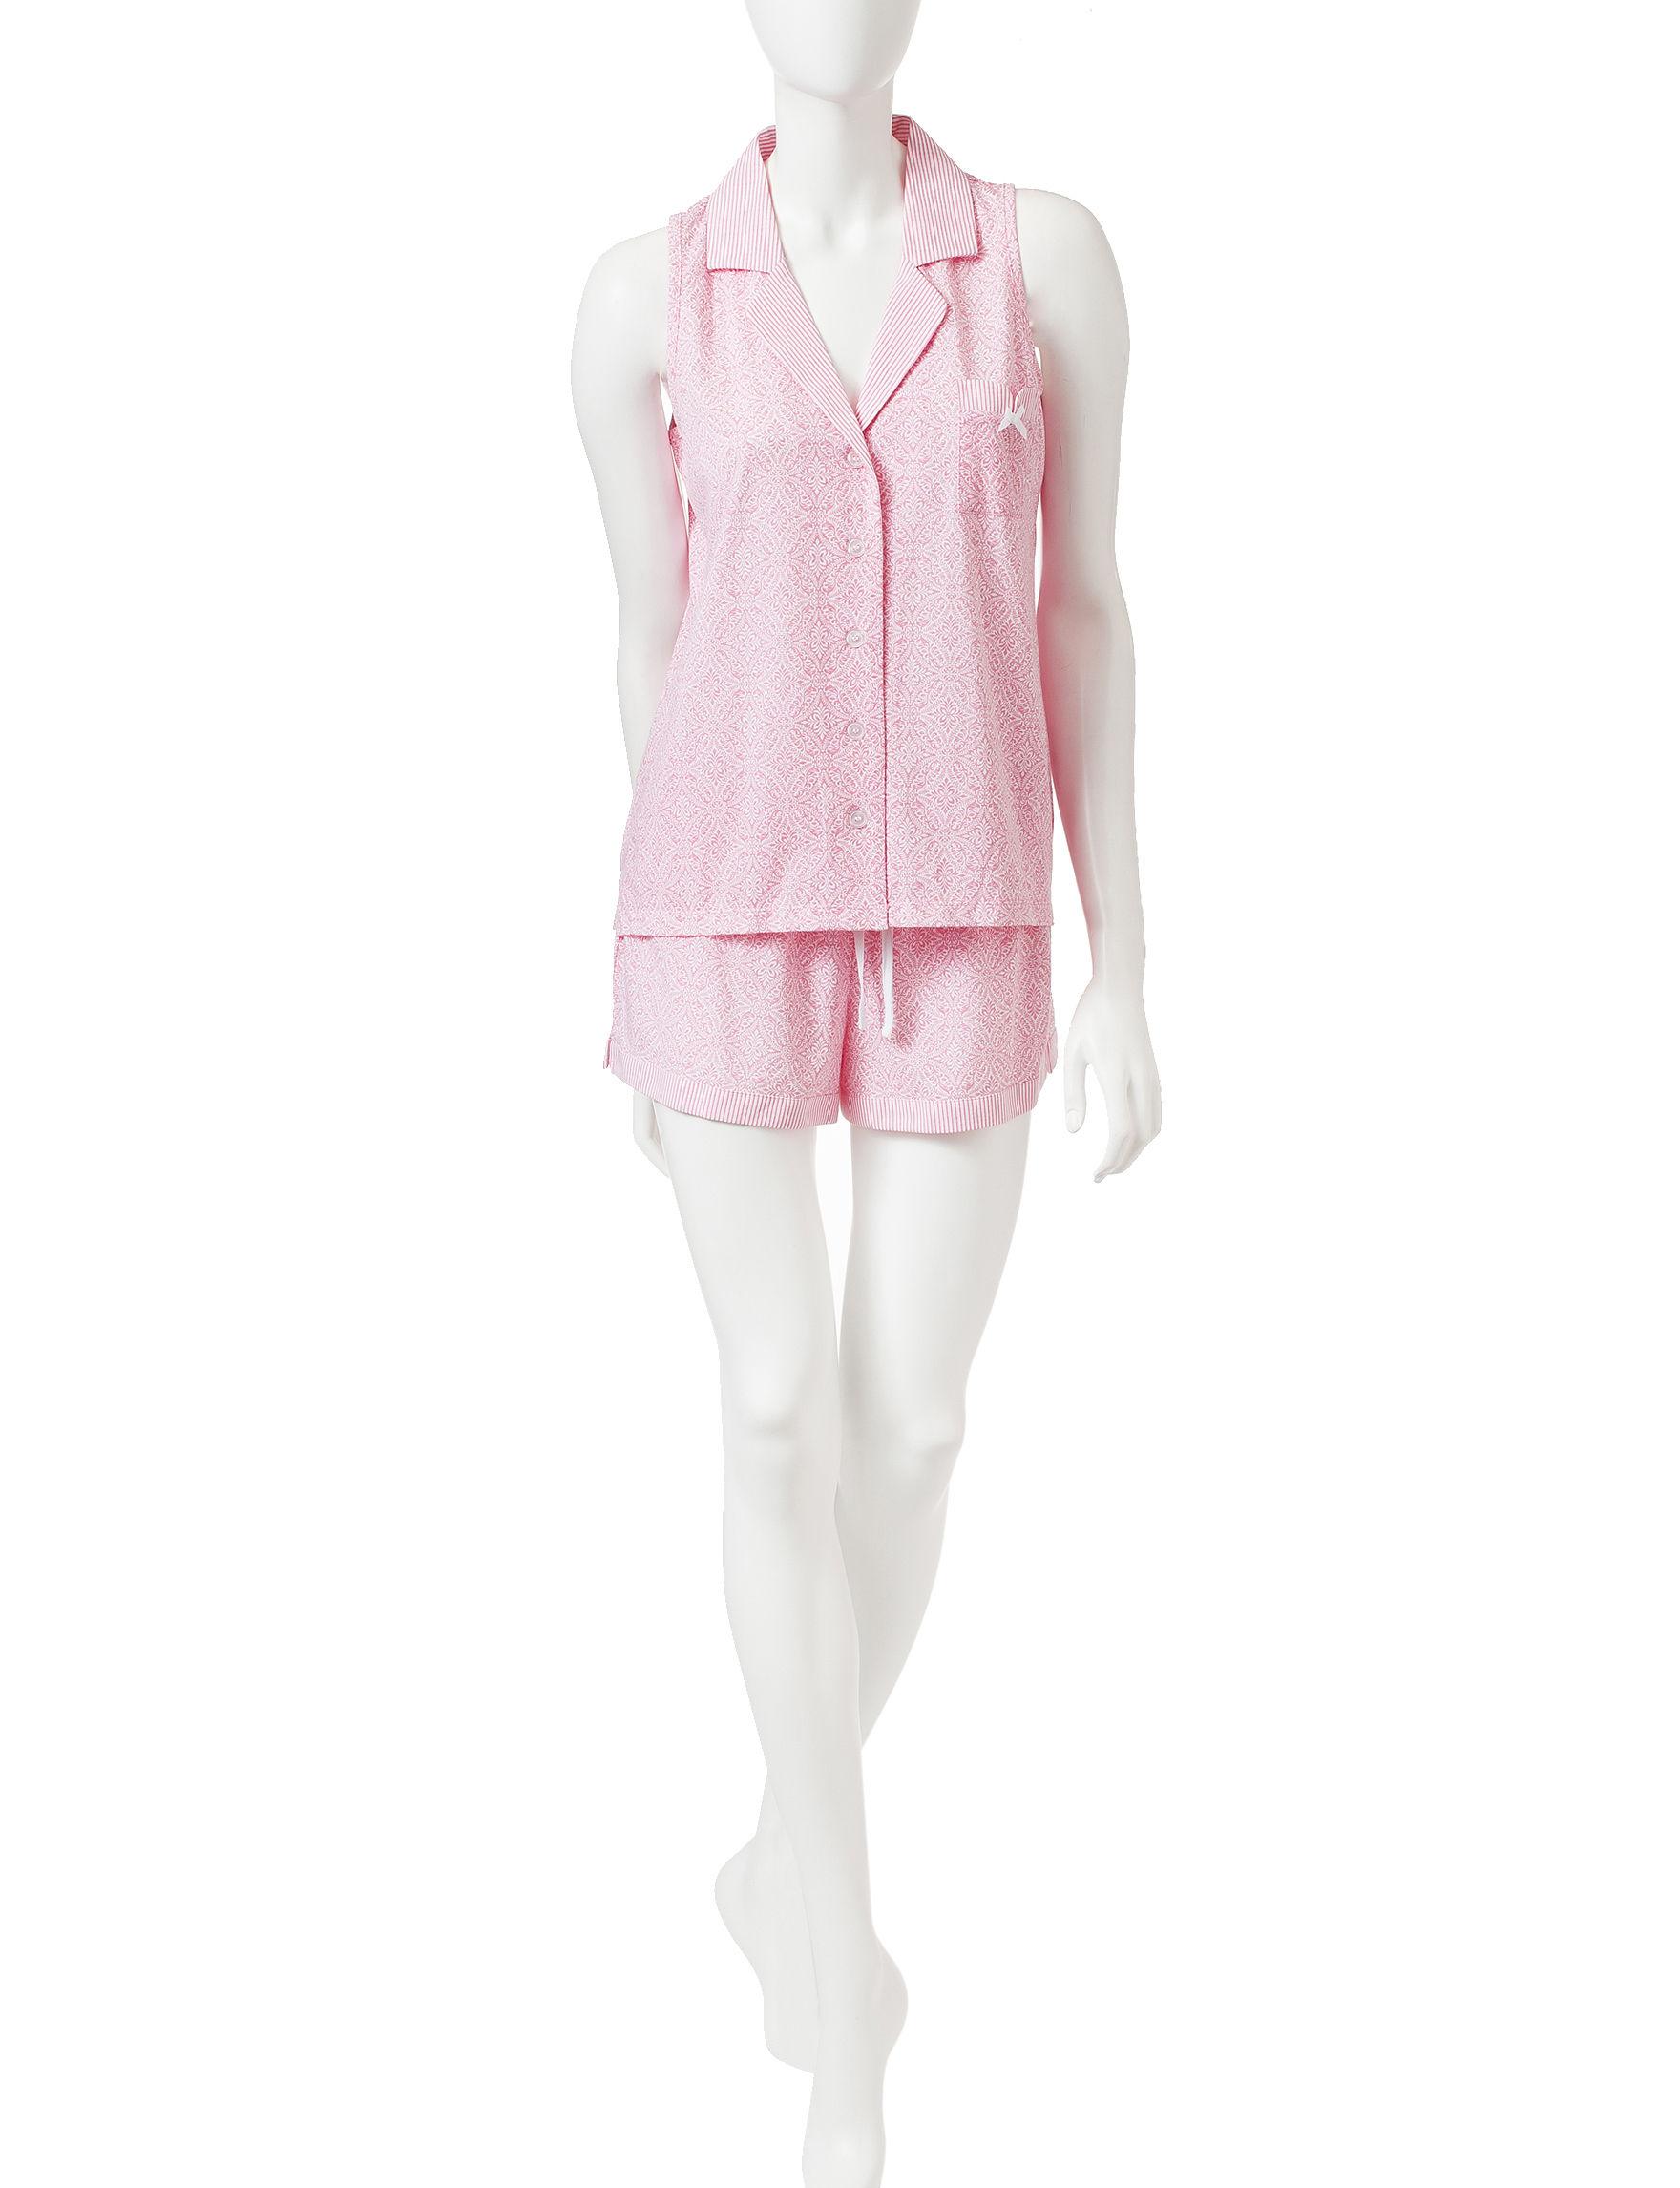 Laura Ashley Pink Pajama Sets